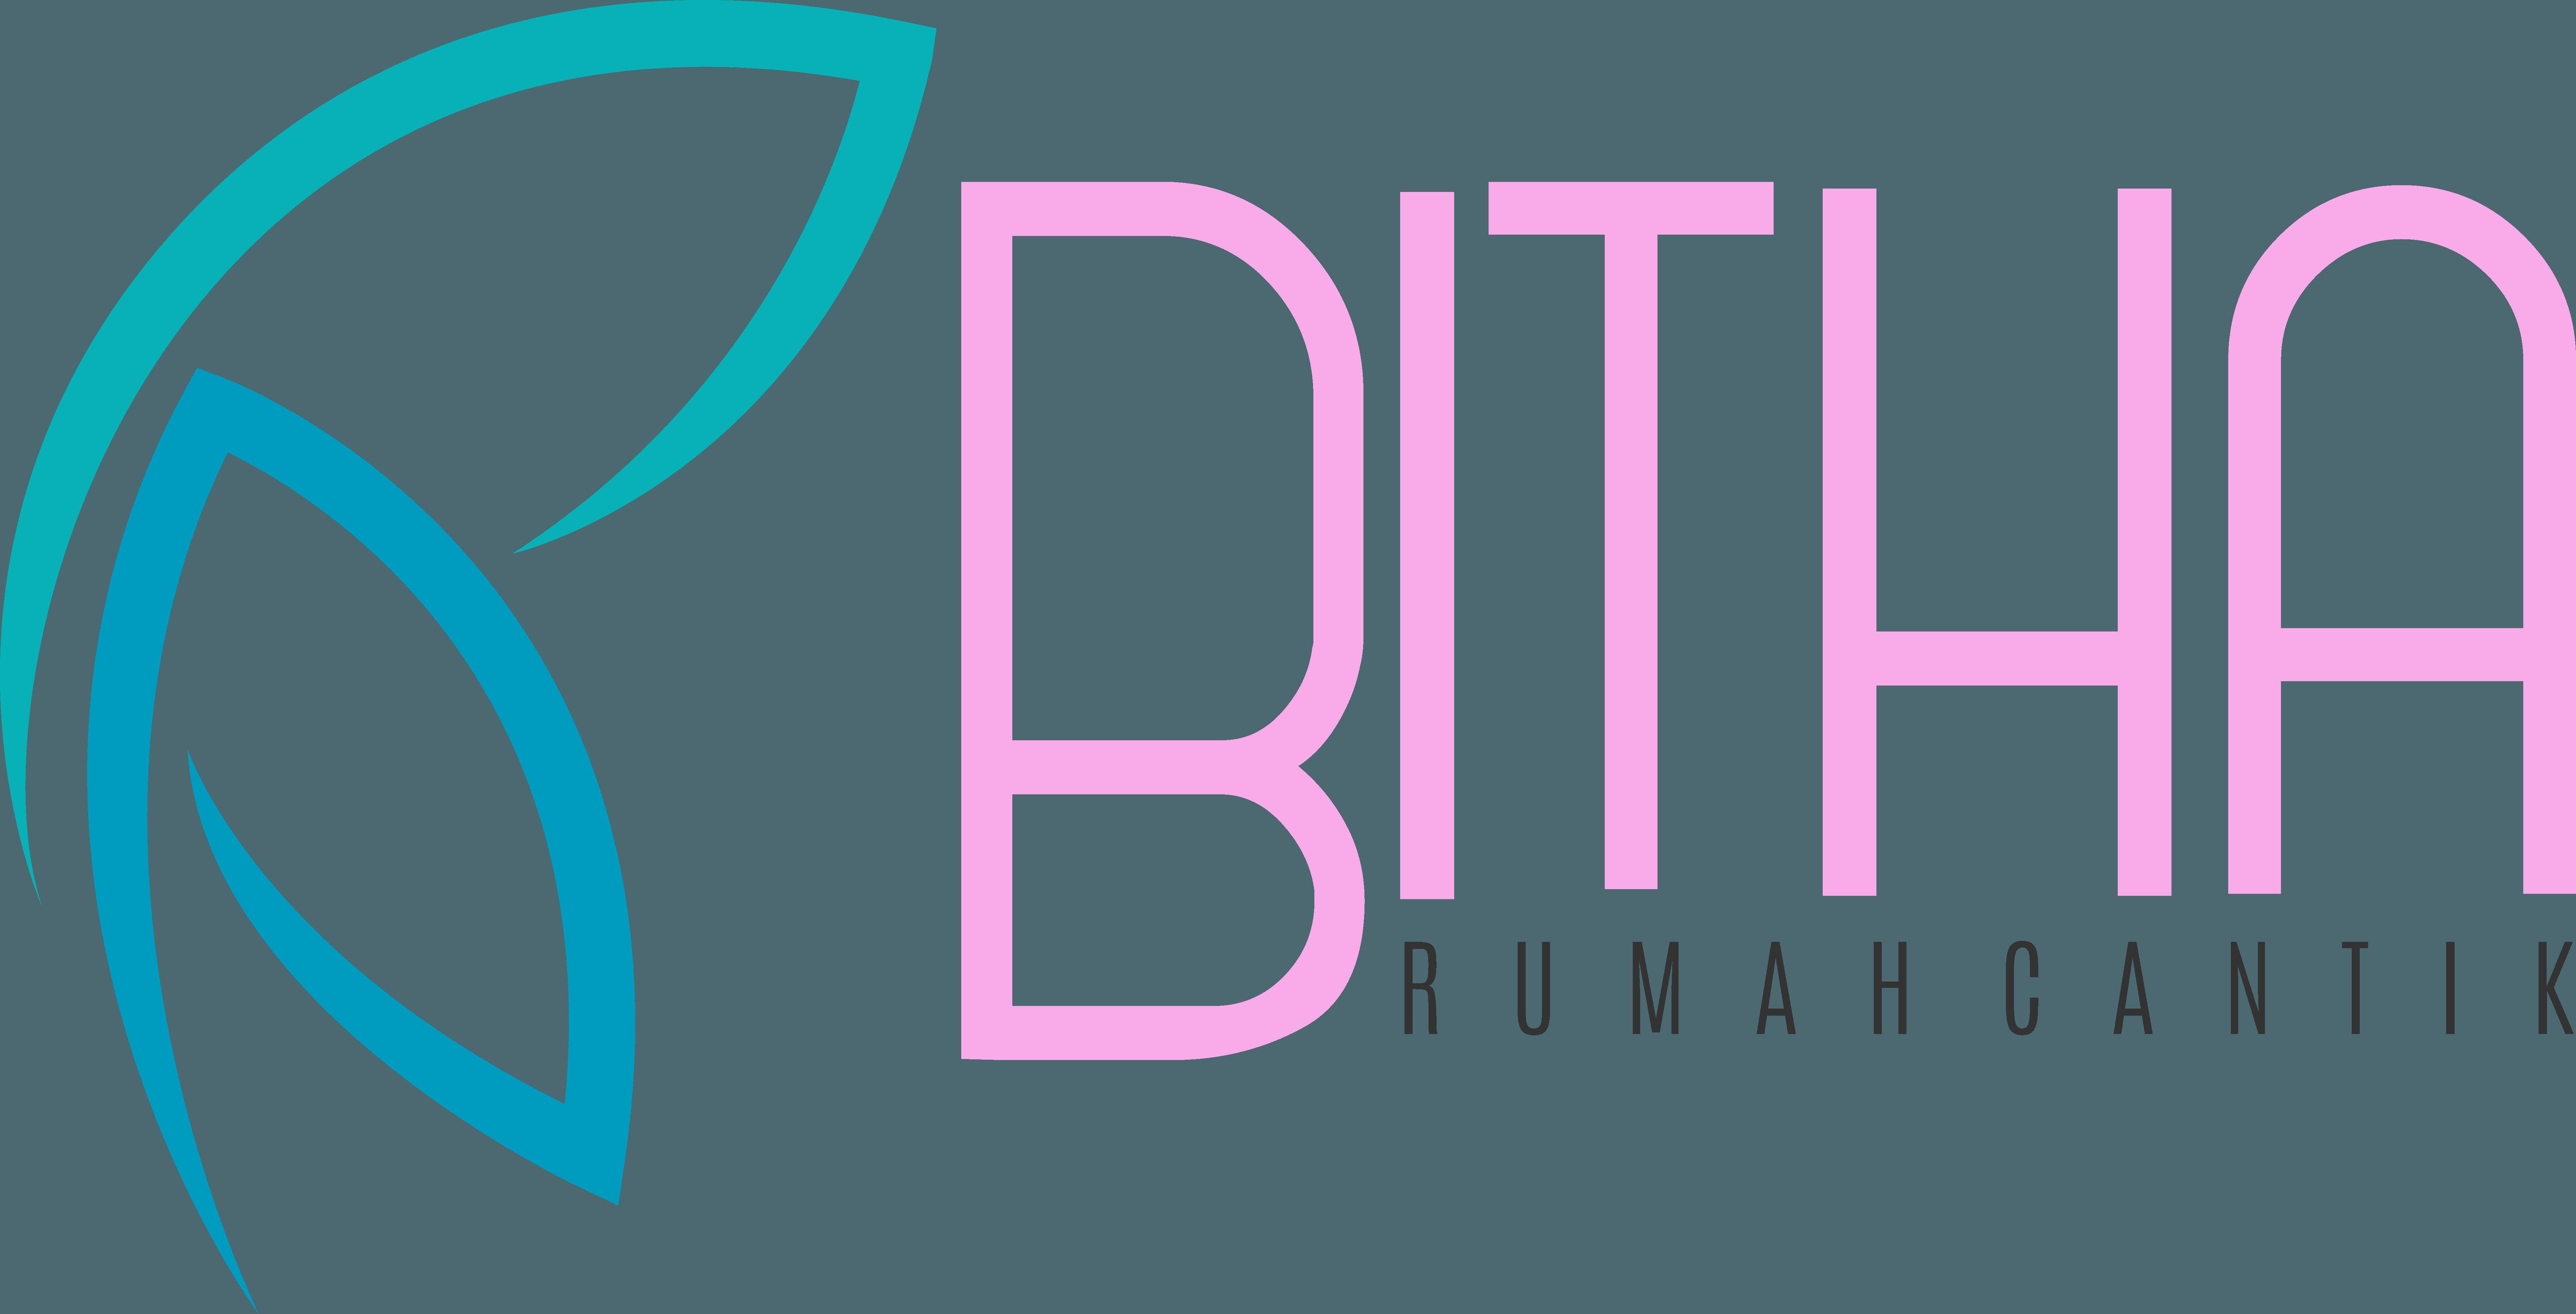 RUMAH CANTIK BITHA